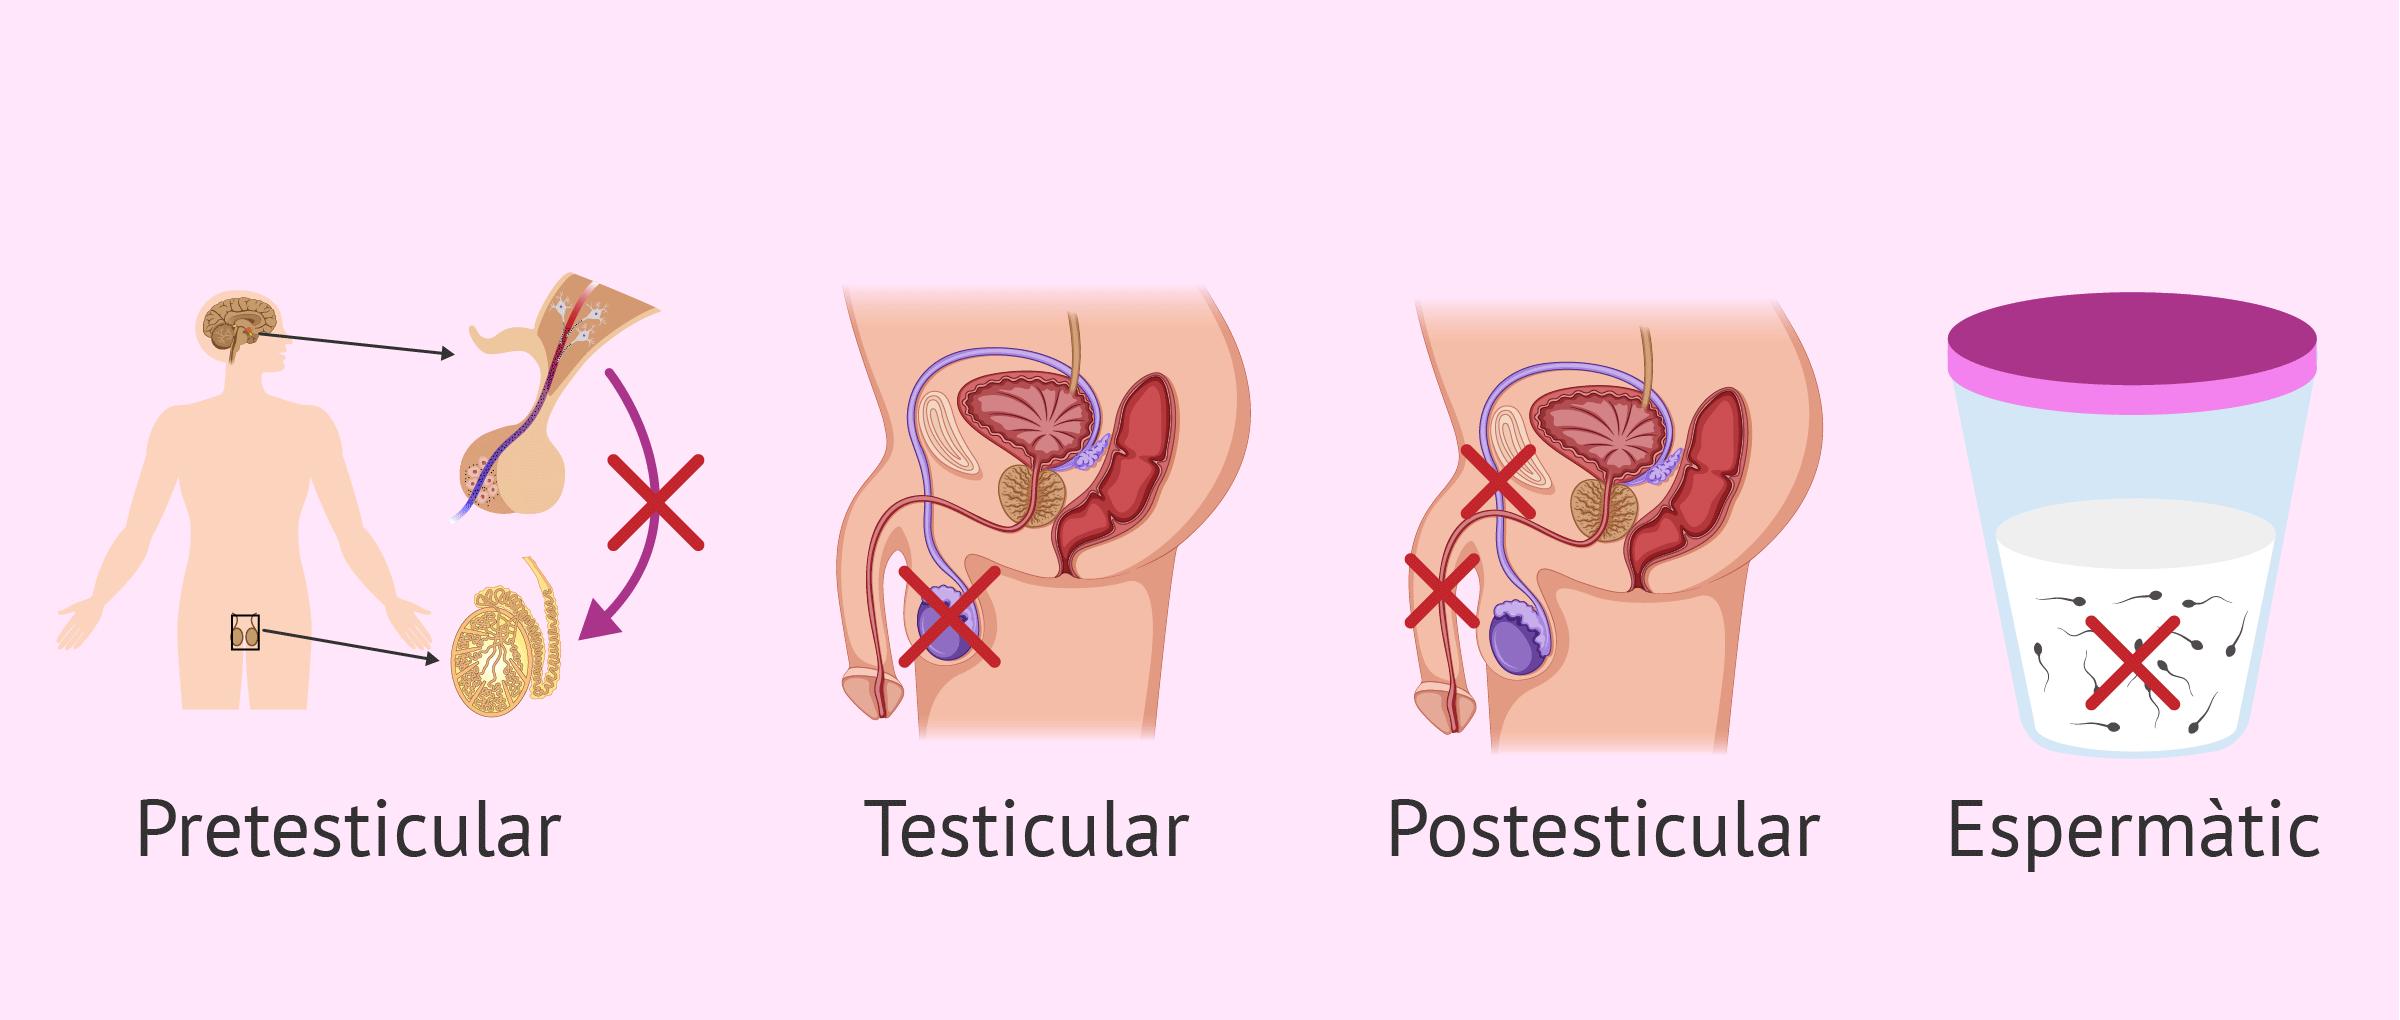 L'esterilitat masculina